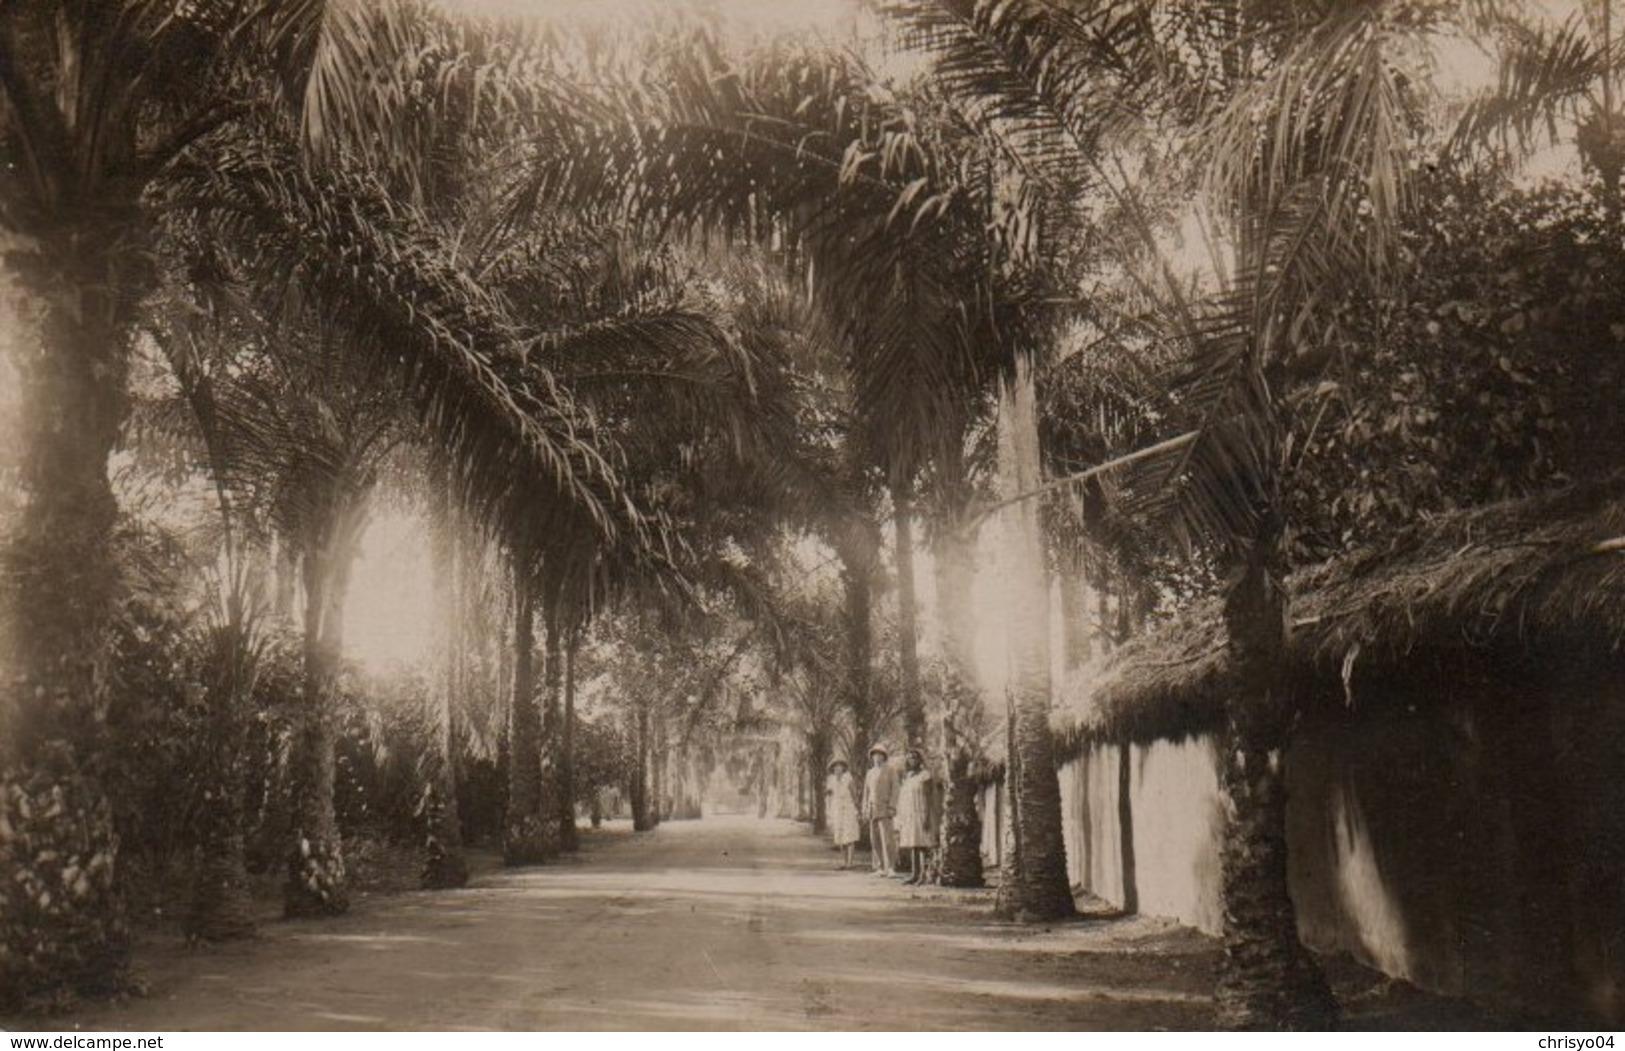 84Vn  Carte Photo Dahomey Porto Novo Avenue Entre Palmiers - Dahomey